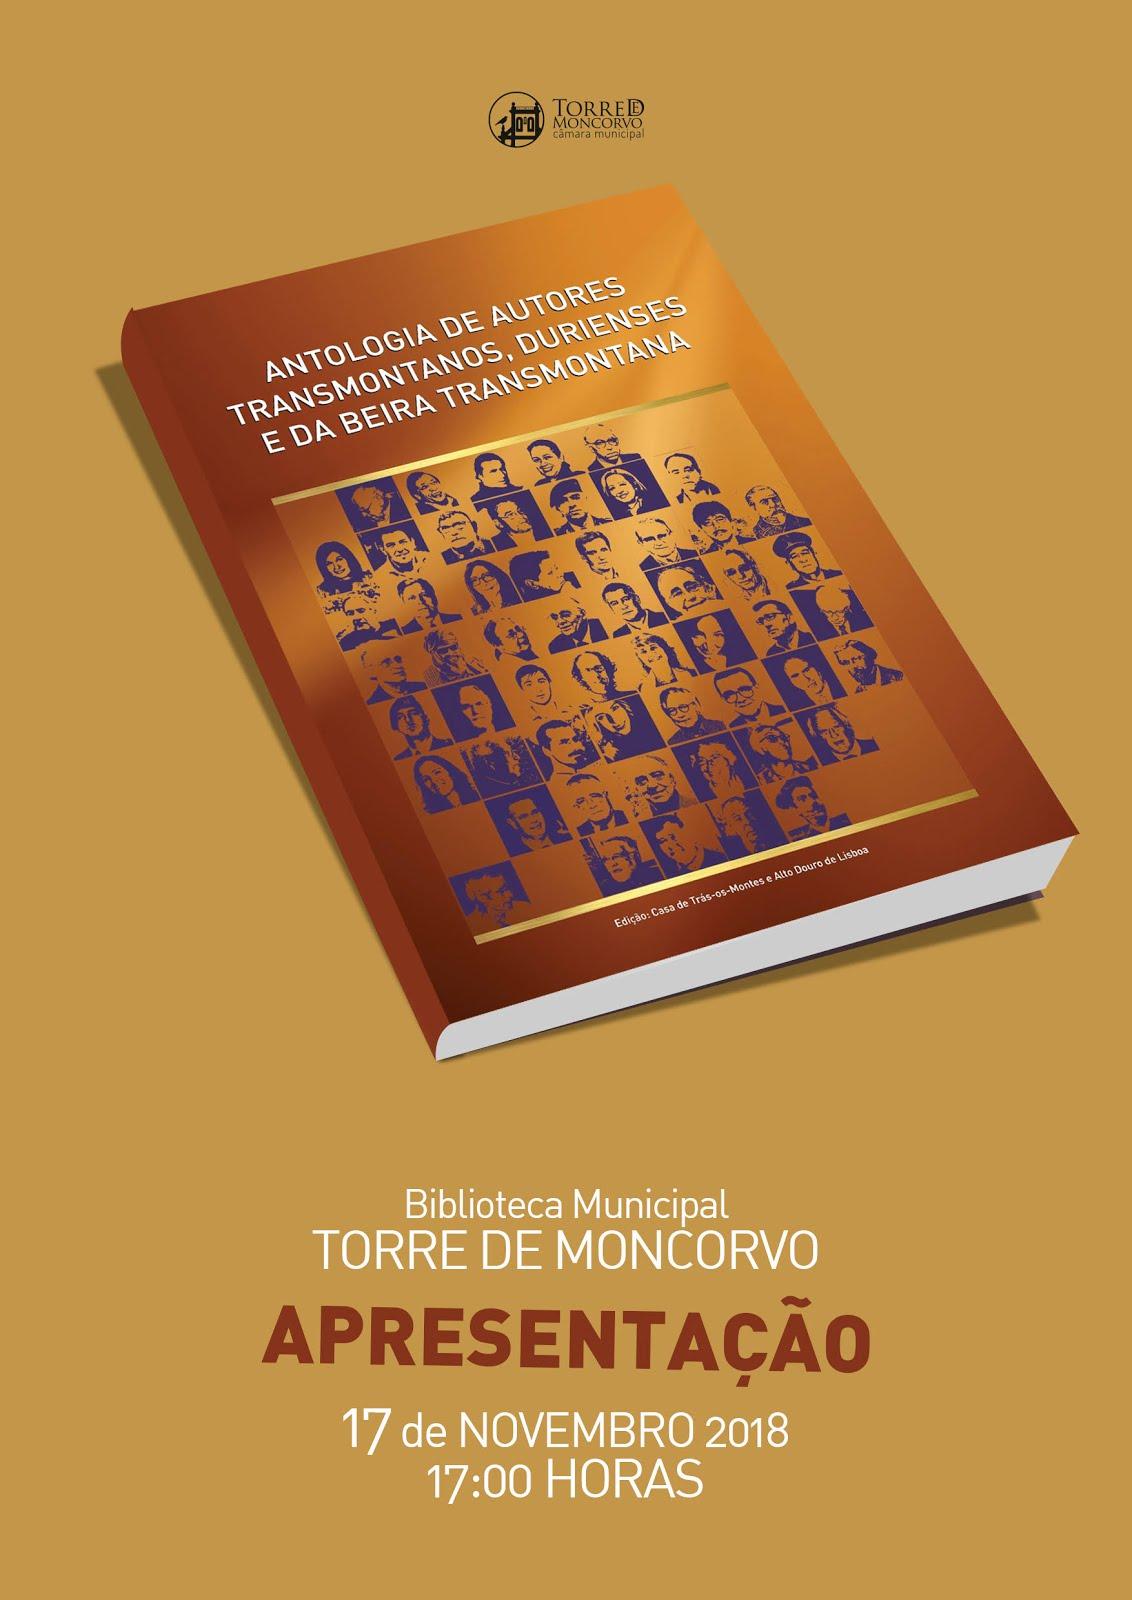 Antologia de Autores (Em TORRE de MONCORVO)